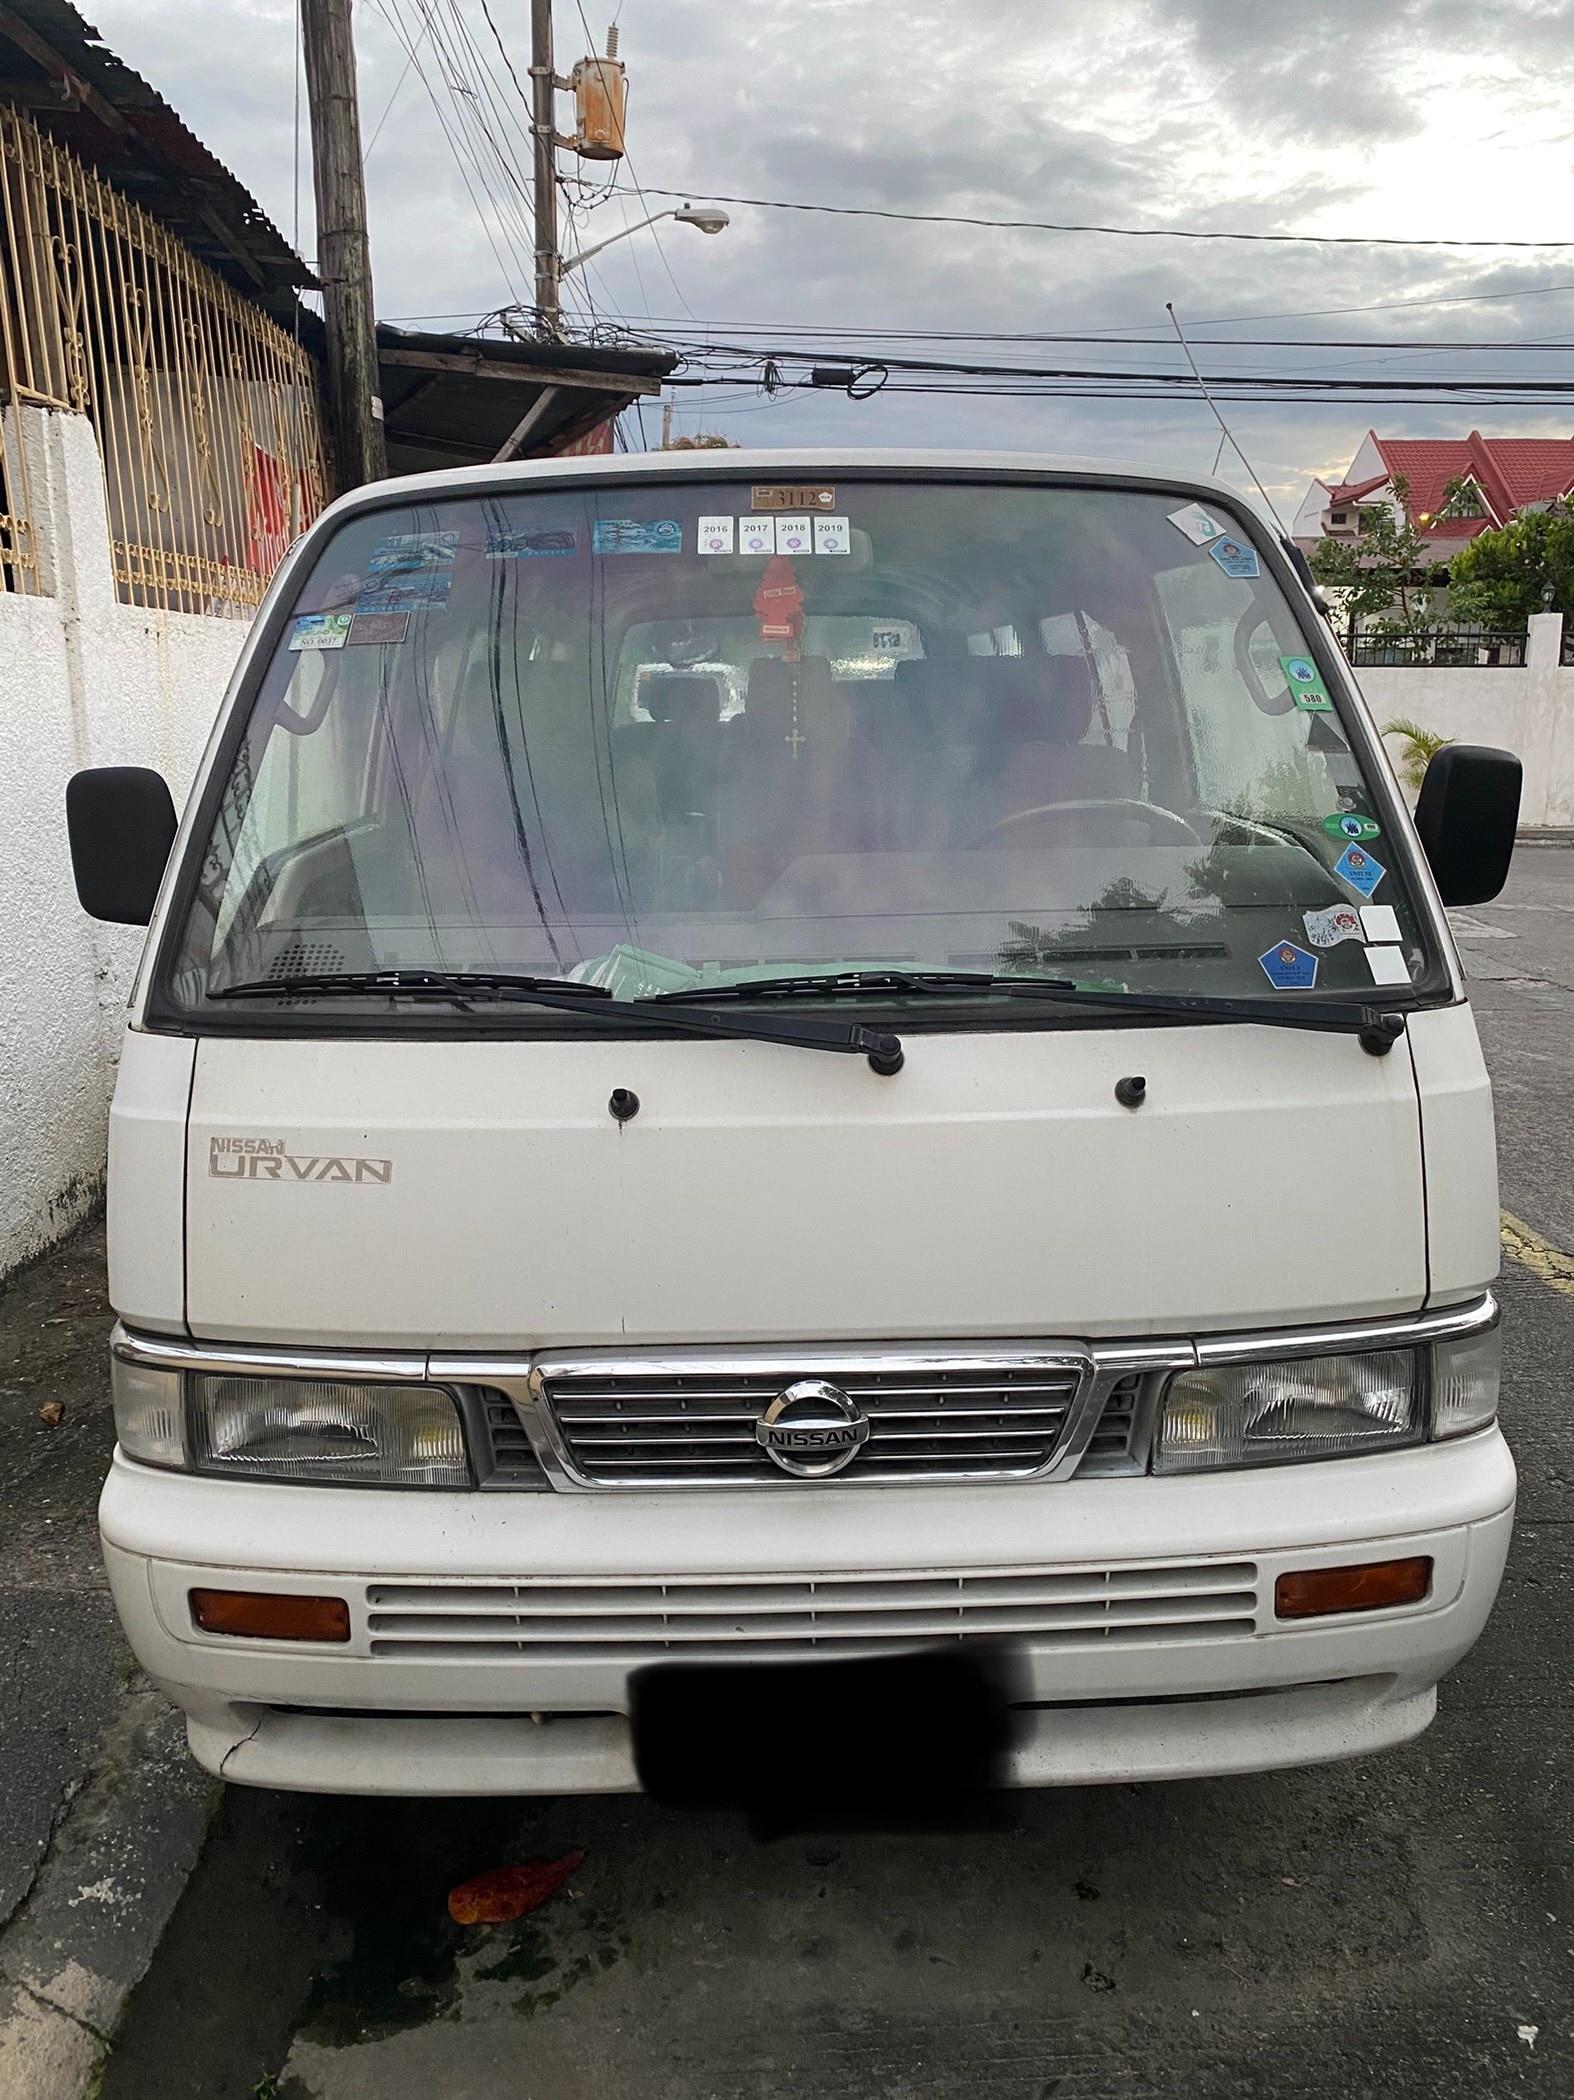 2007 Nissan Urvan